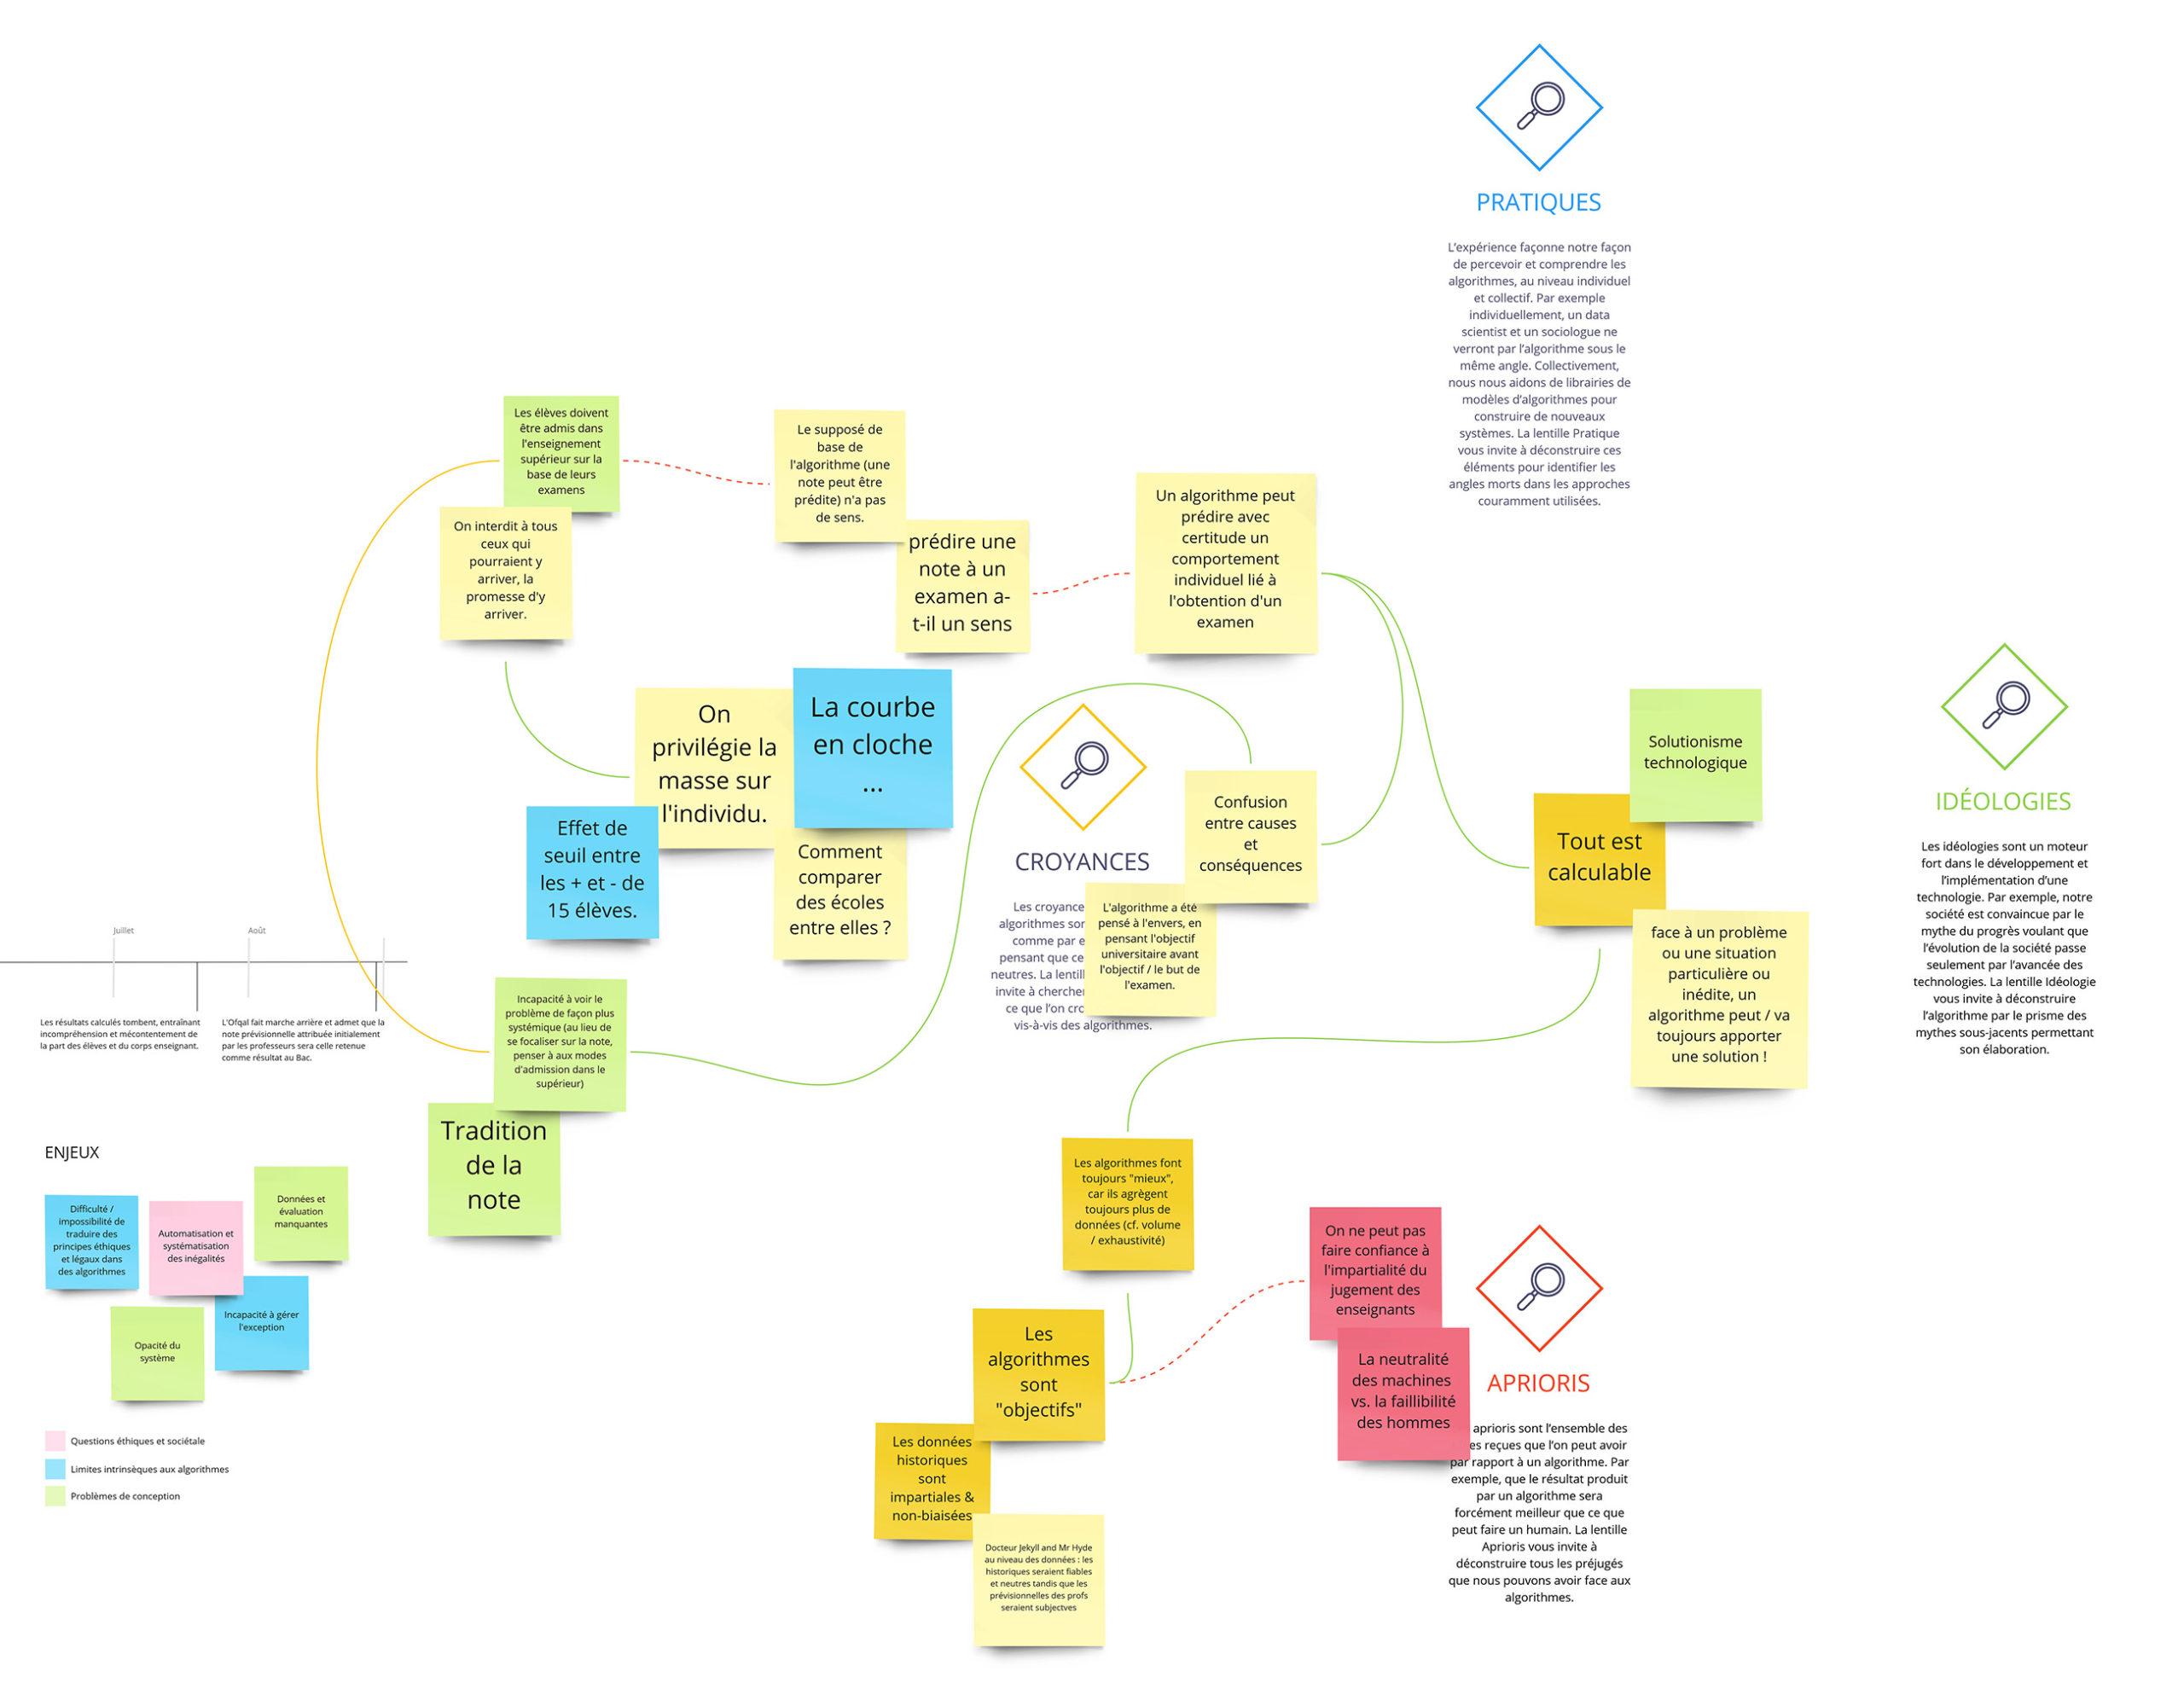 Cartographie des pratiques, croyances, idéologies et a priori des participants quant aux algorithmes publics